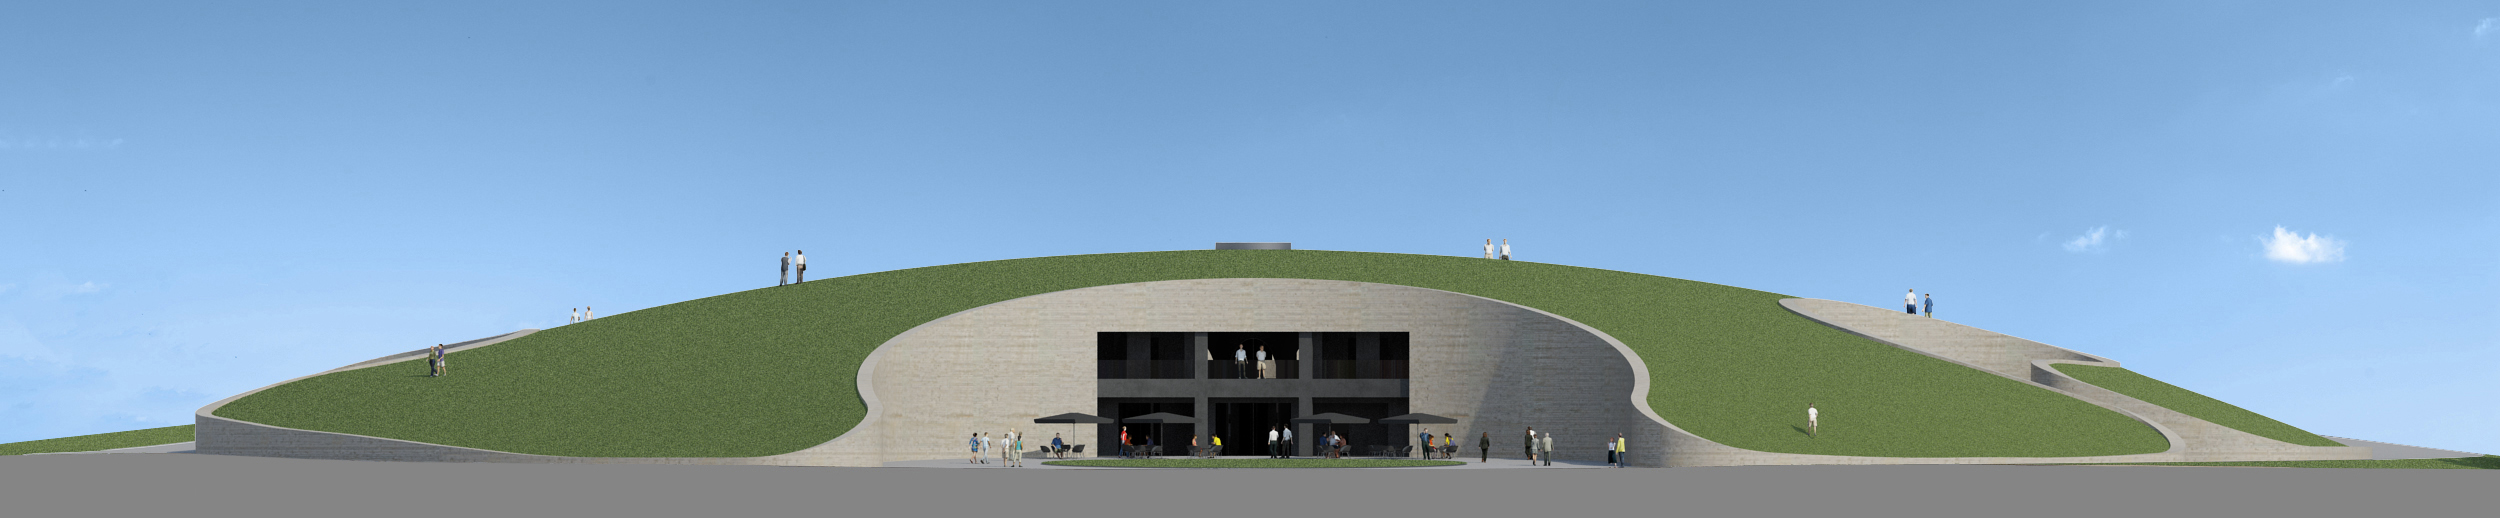 facade 1 }